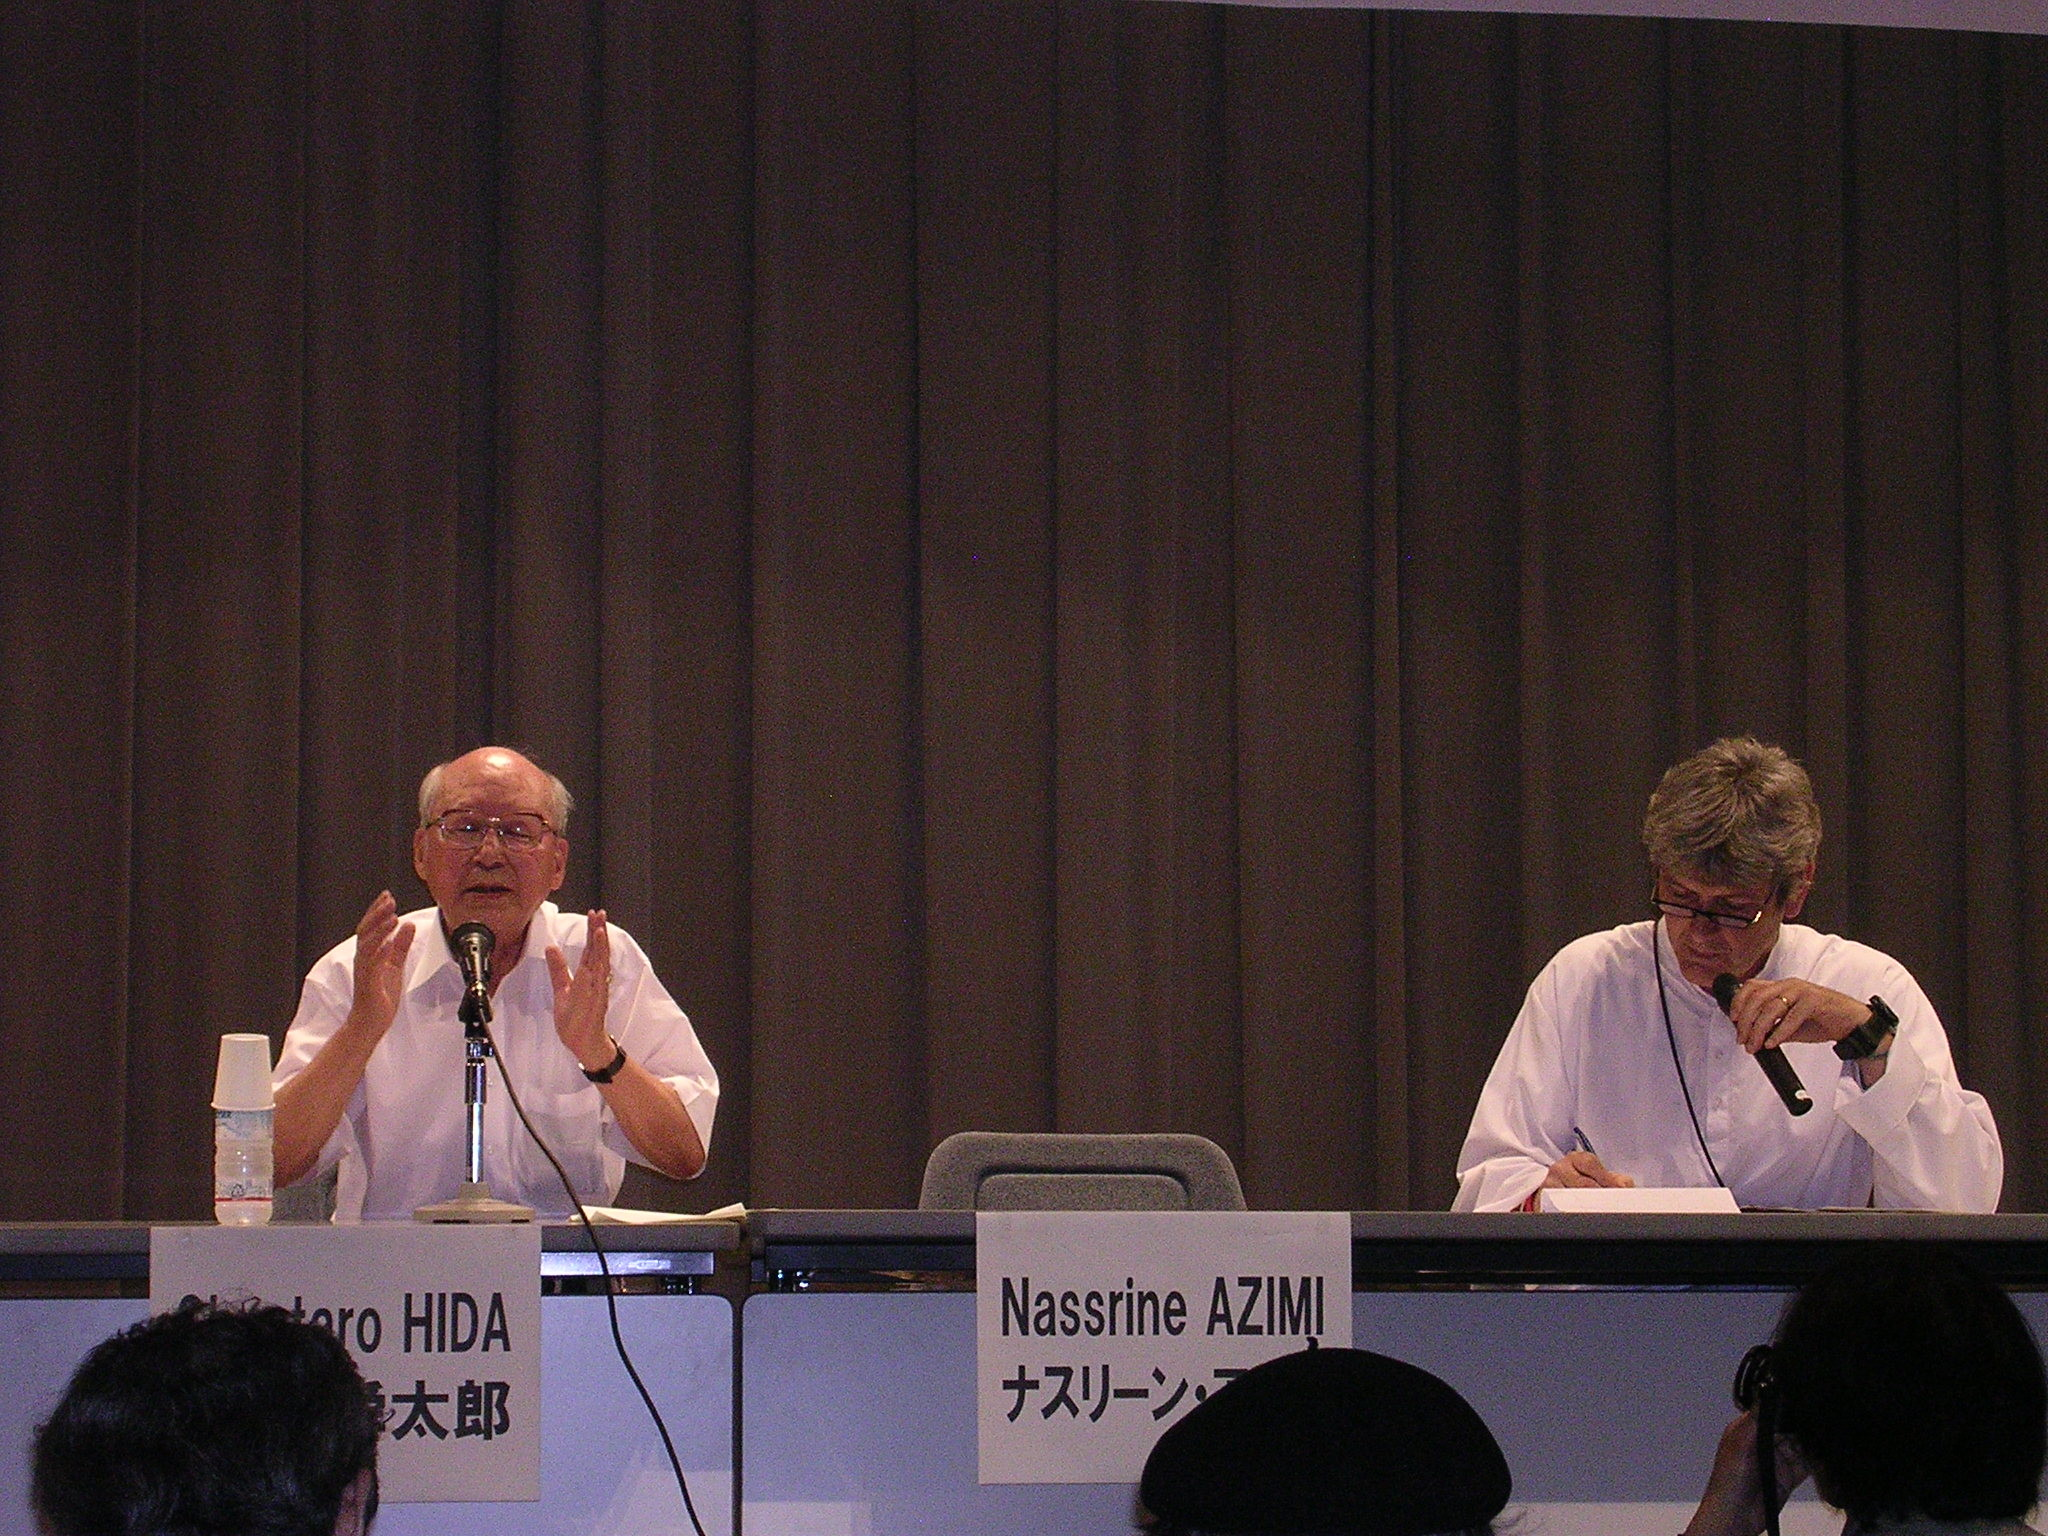 intervento del Dr. Hida, medico di Hiroshima che ha curato numerosi Hibakusha ma anche lui stesso è uno dei superstiti